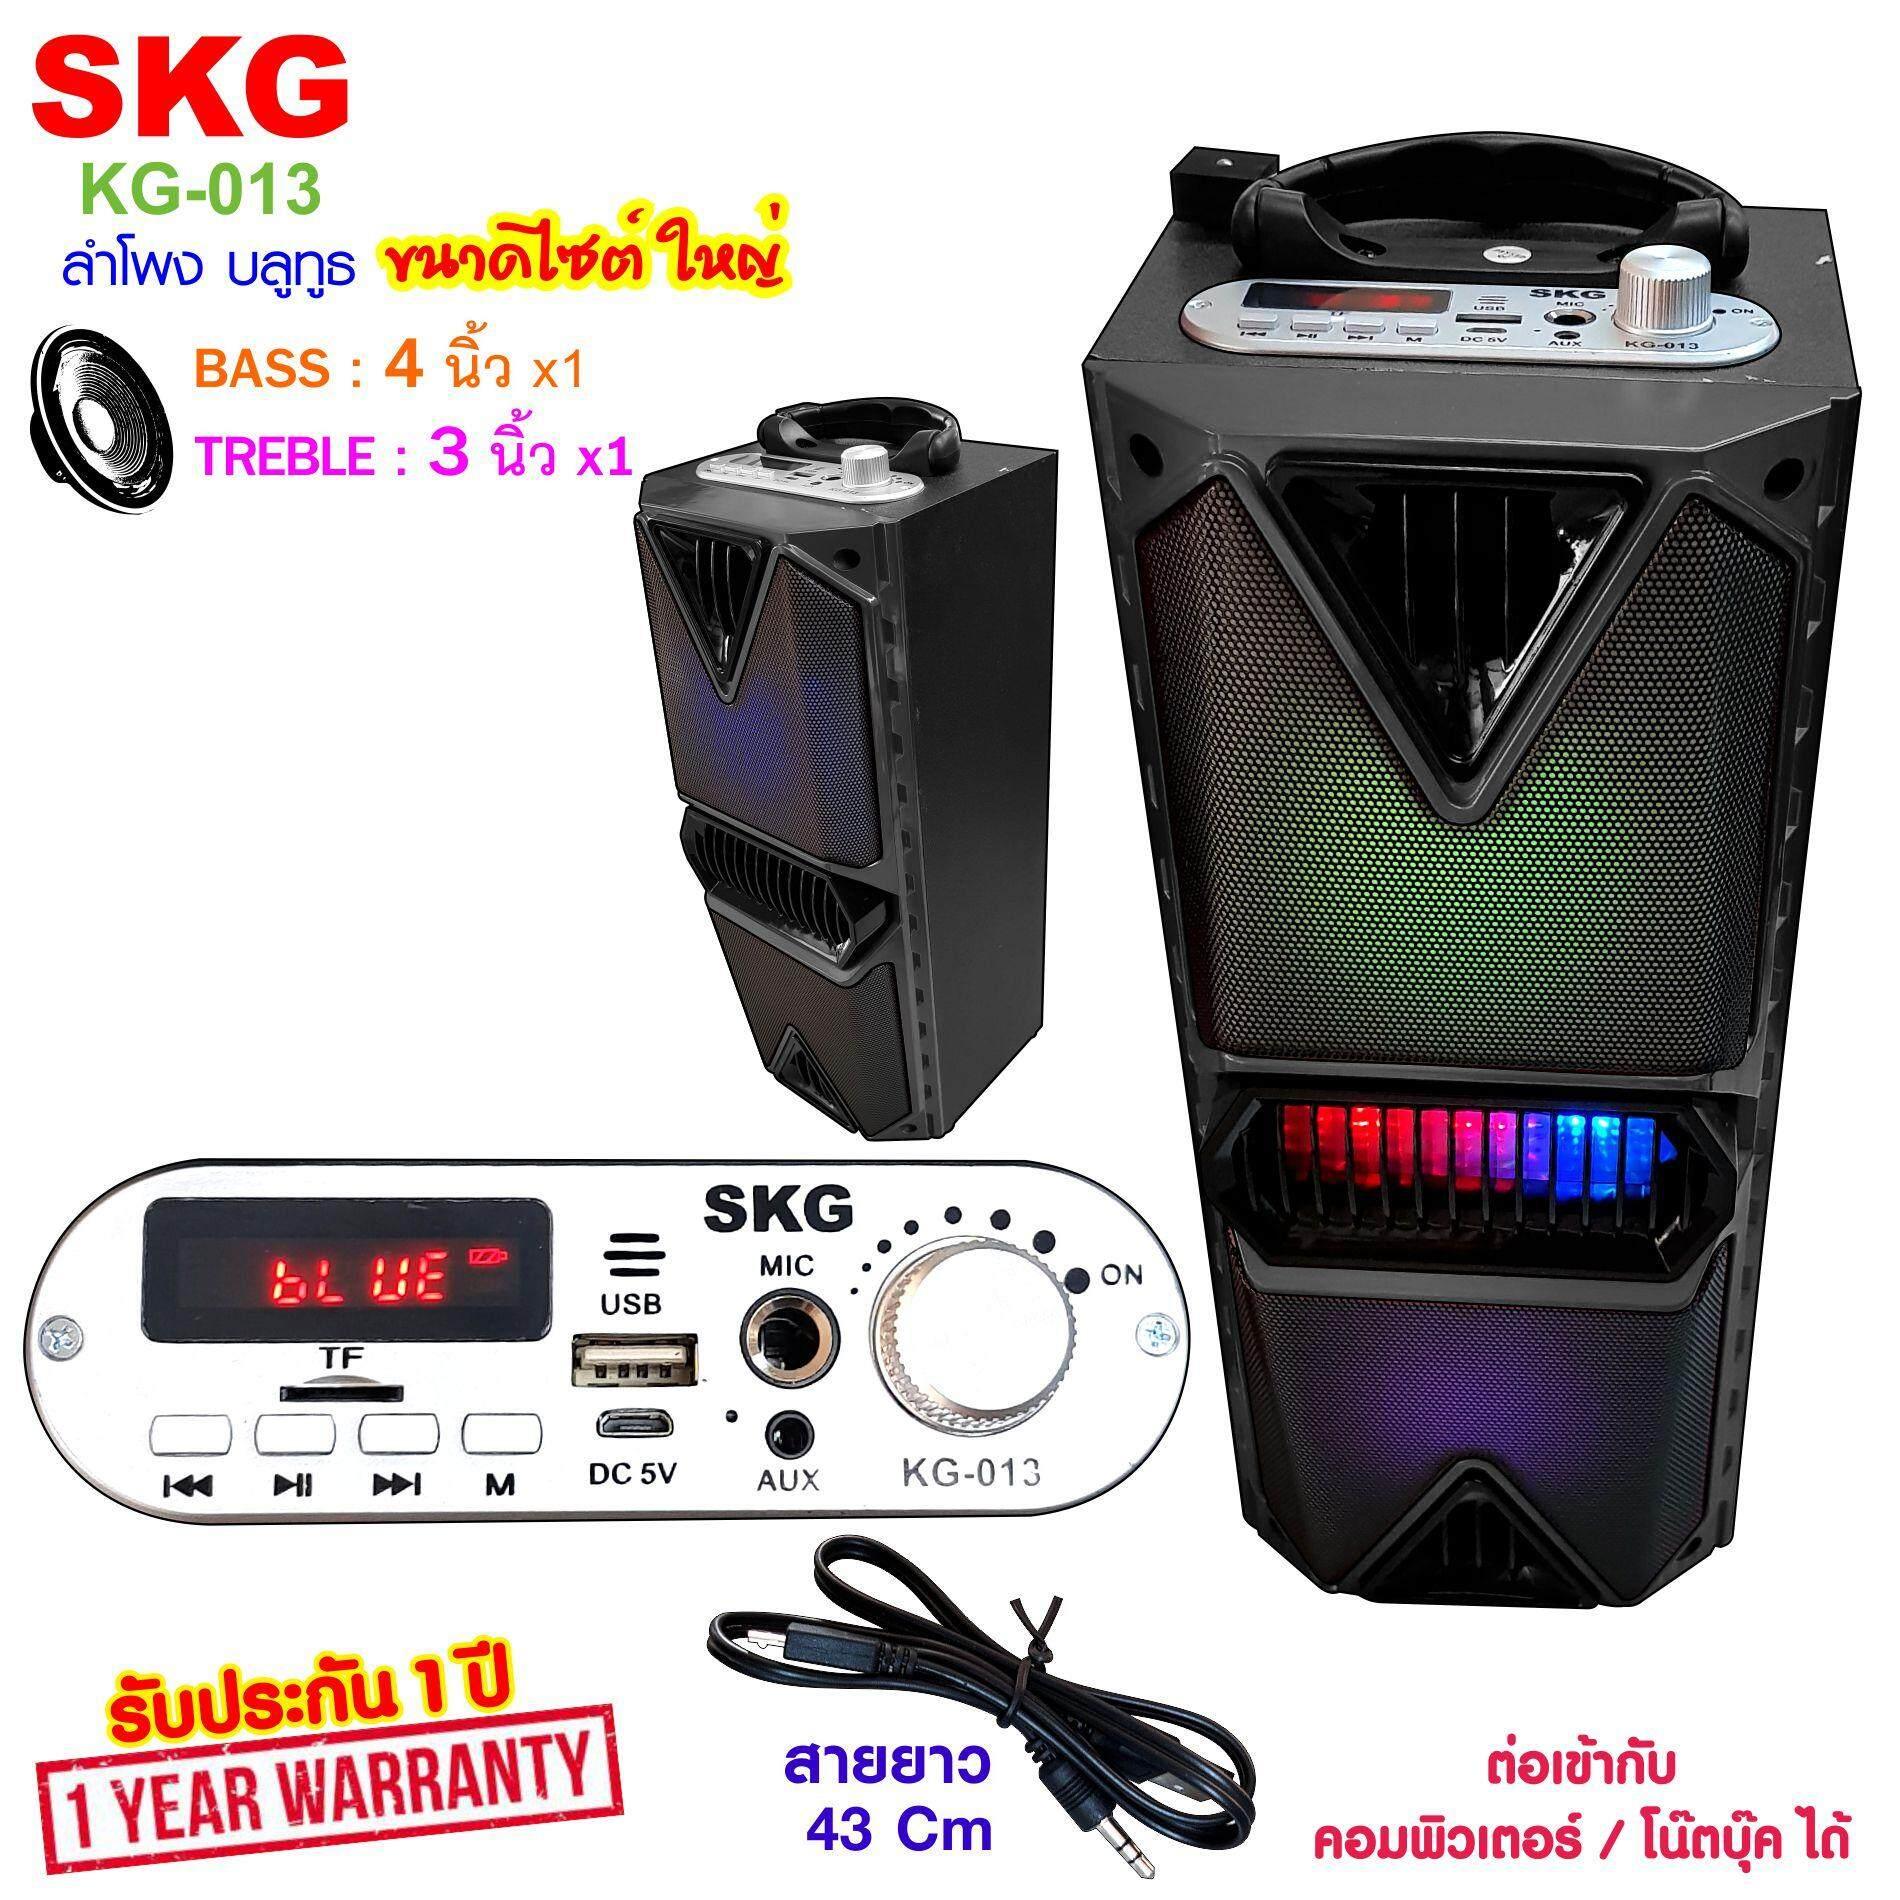 Skg ลำโพง Bluetooth ลำโพง 4นิ้ว รุ่น Kg-013.